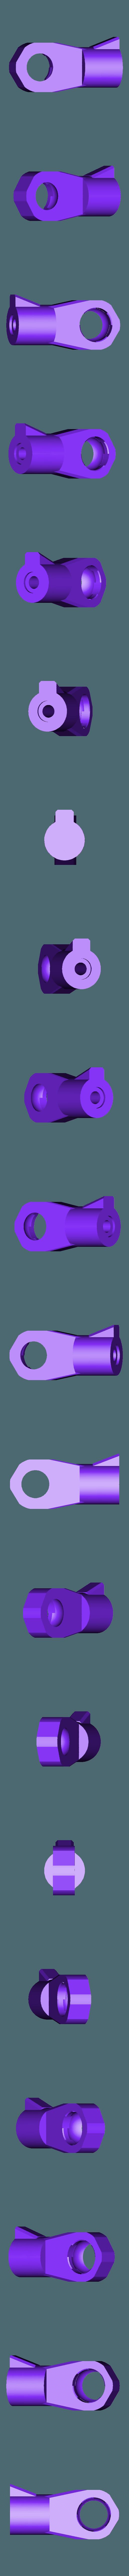 Shock_Rod_End_20190302.stl Télécharger fichier STL gratuit Extrémité de tige d'amortisseur Arrma • Modèle à imprimer en 3D, peterbroeders